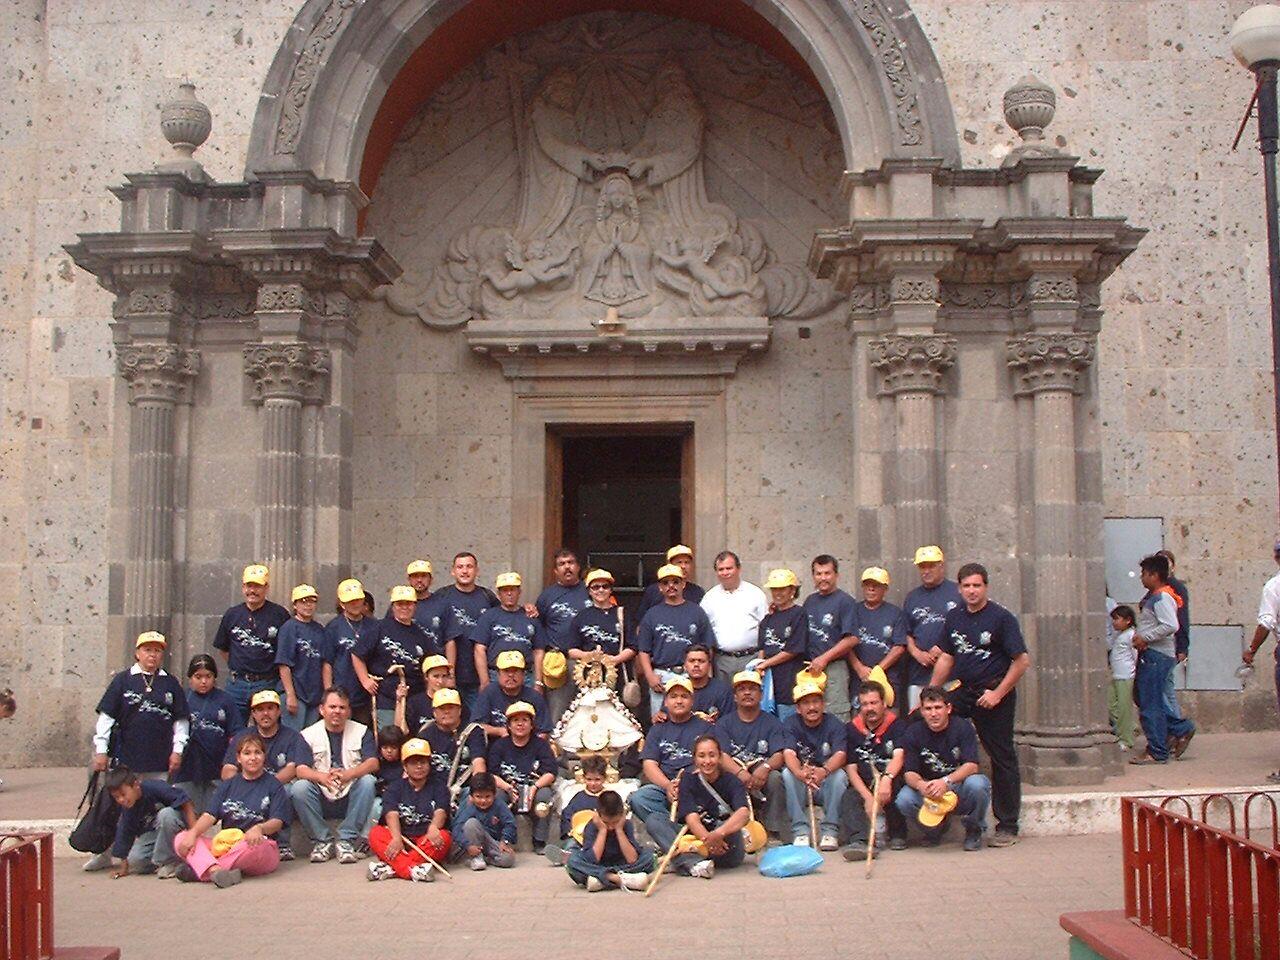 Virtual Pilgrimage 2021: Peregrinación a Talpa - A Pilgrimage to Talpa